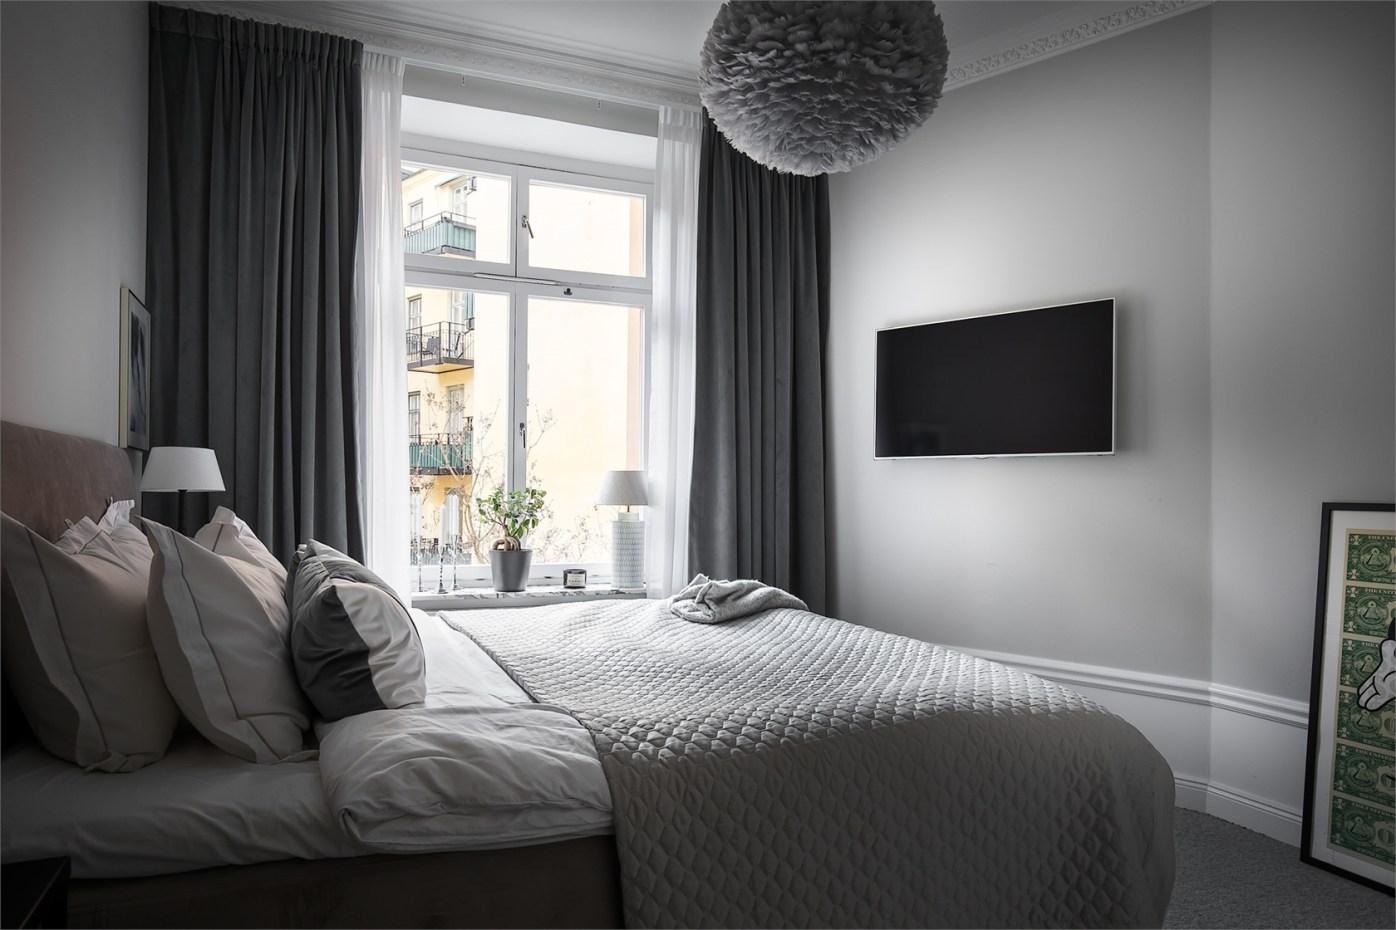 28606 bedroom tv